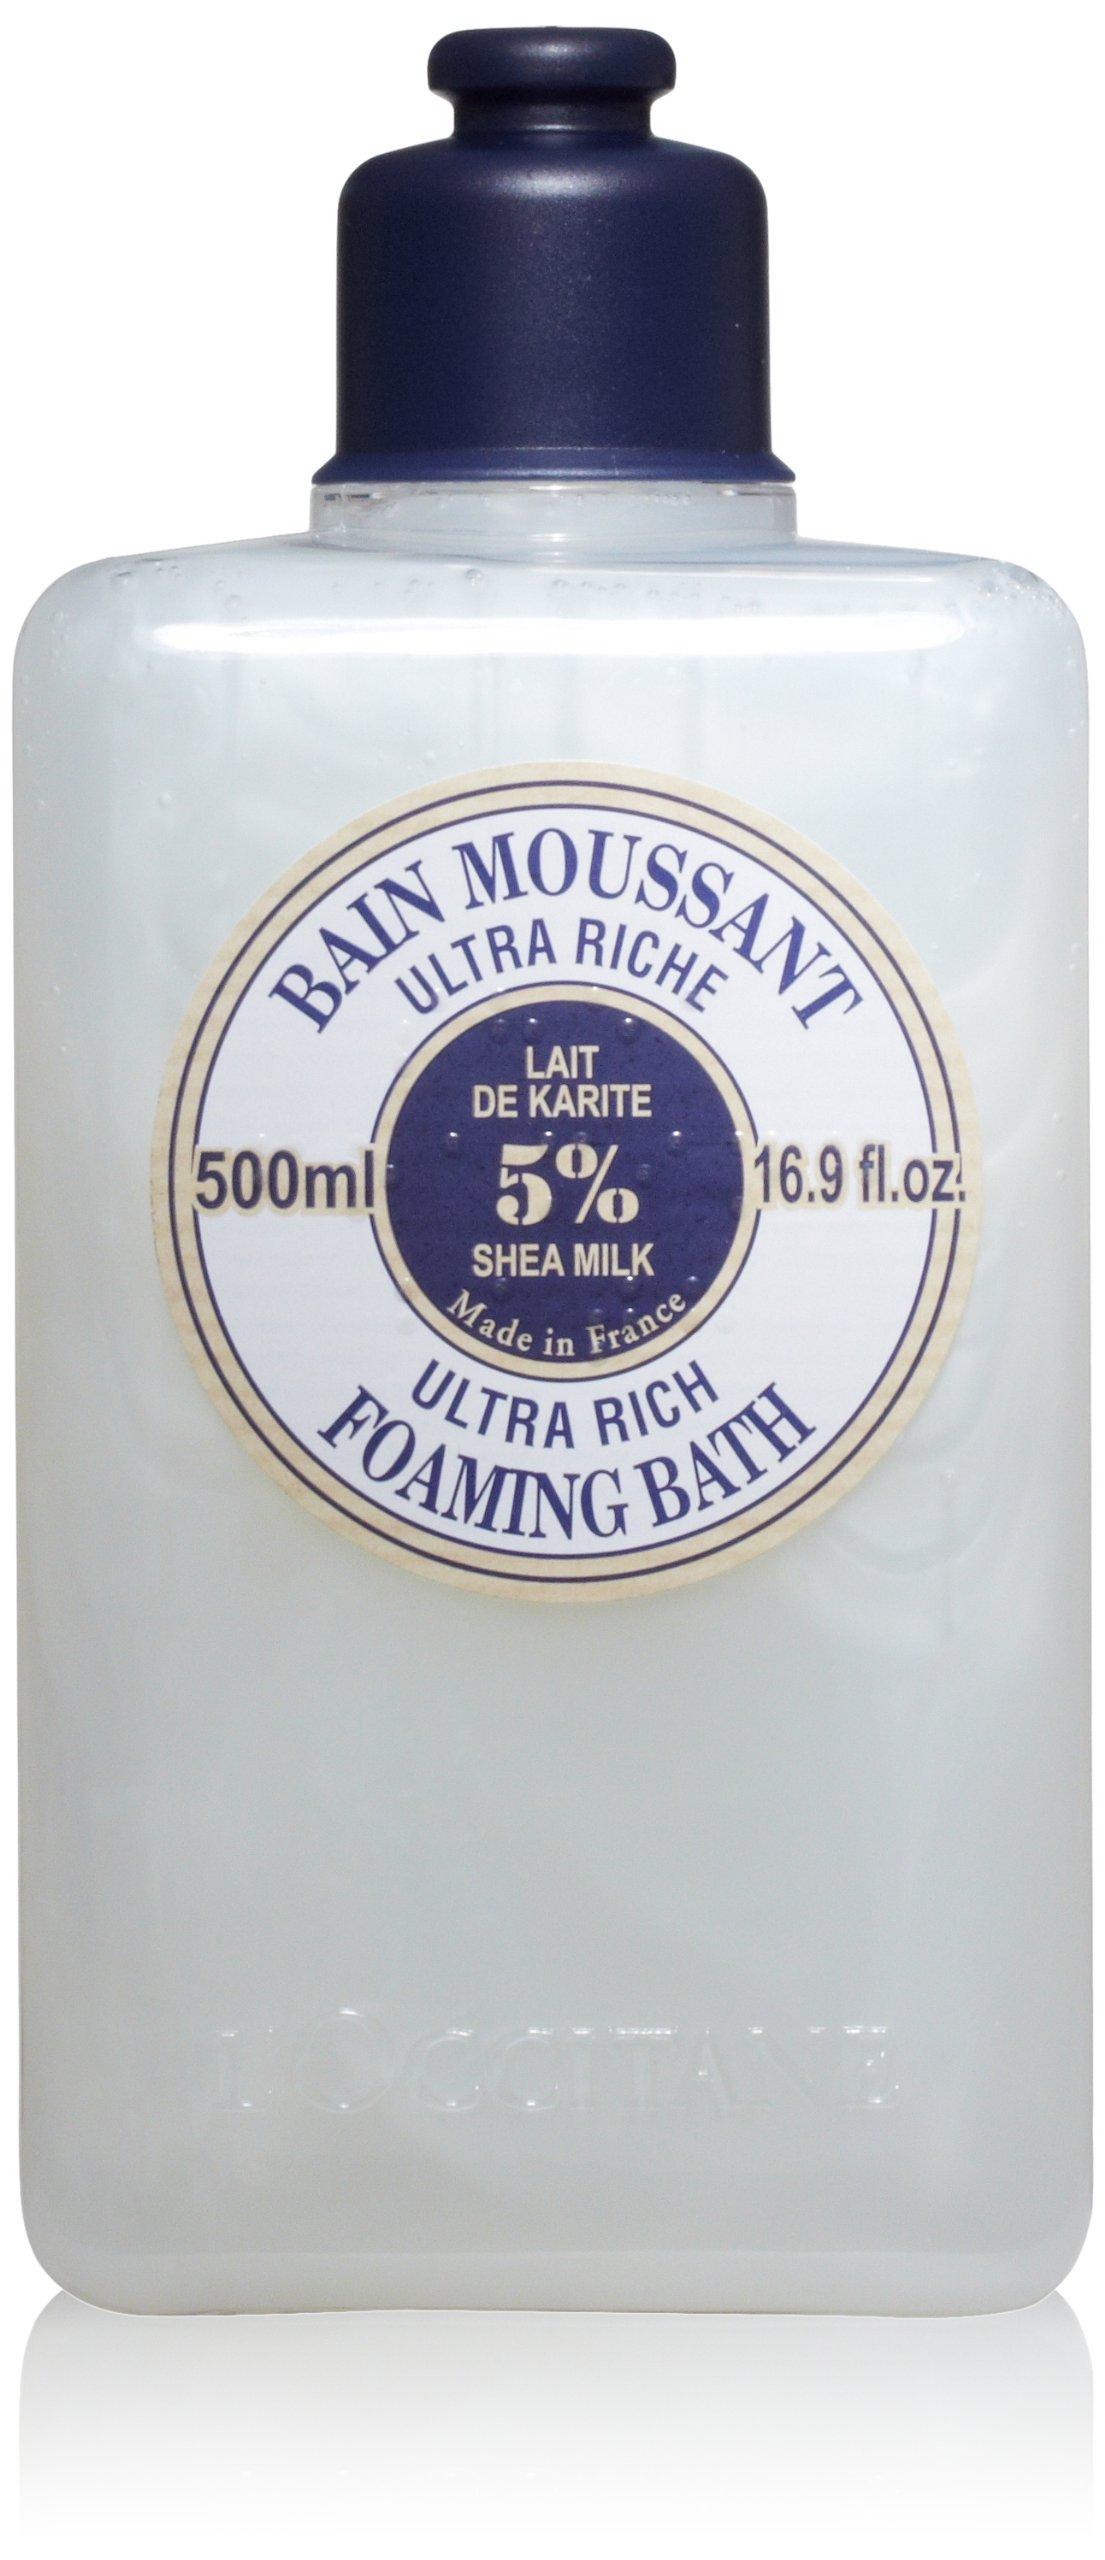 L'Occitane Ultra-Rich Foaming Bubble Bath with 5% Shea Milk, 16.9 fl. oz.